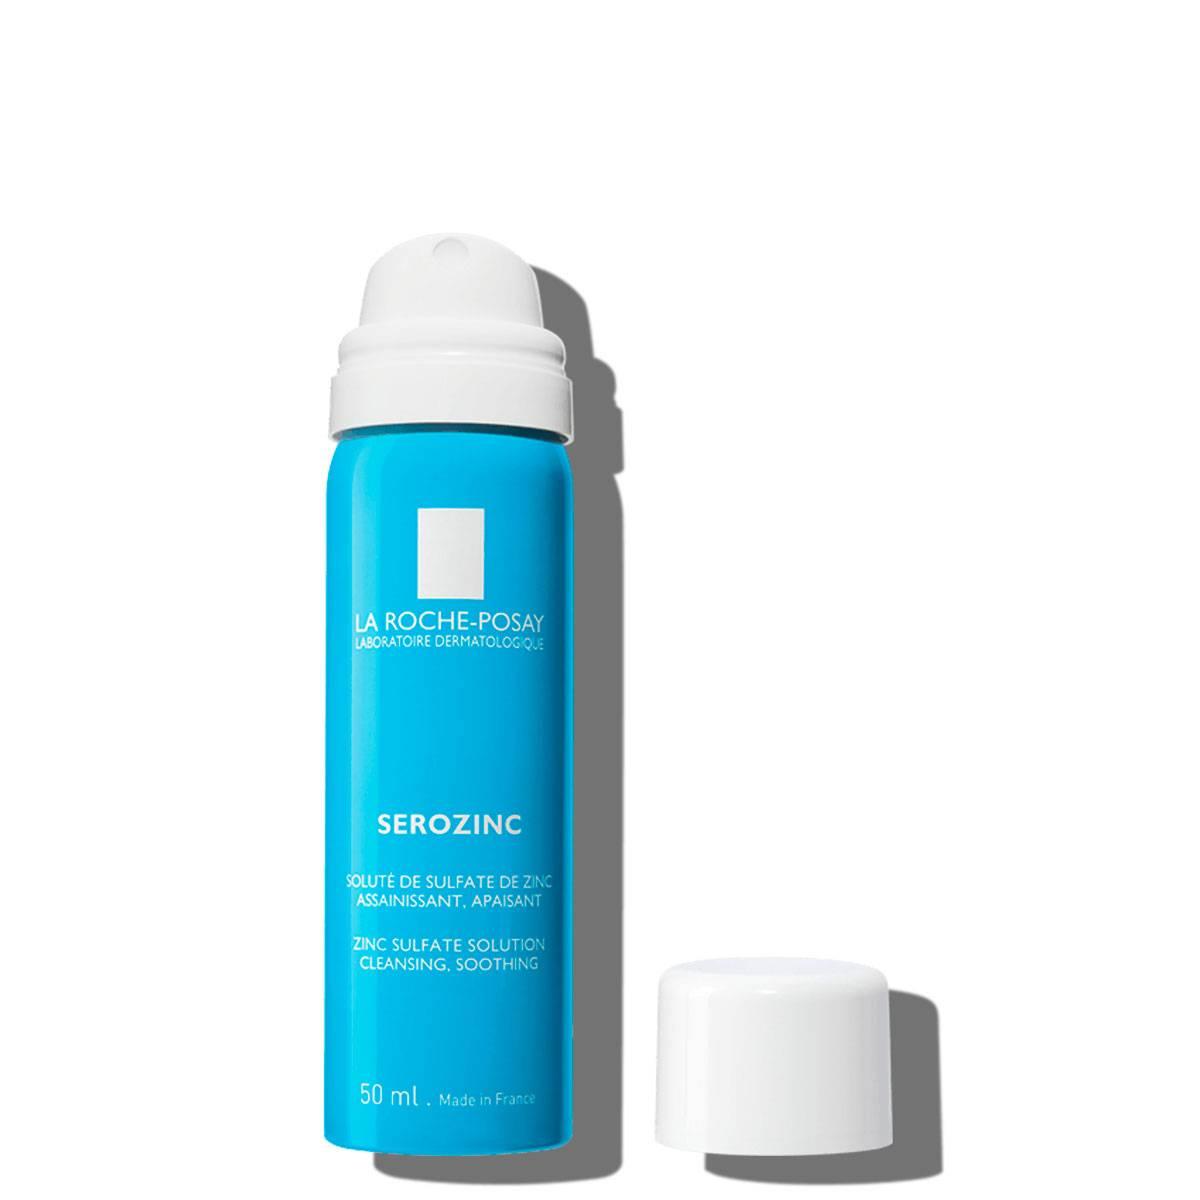 La Roche Posay Produktsida Serozinc Spray Zink 50ml 3337875522601 Öppen